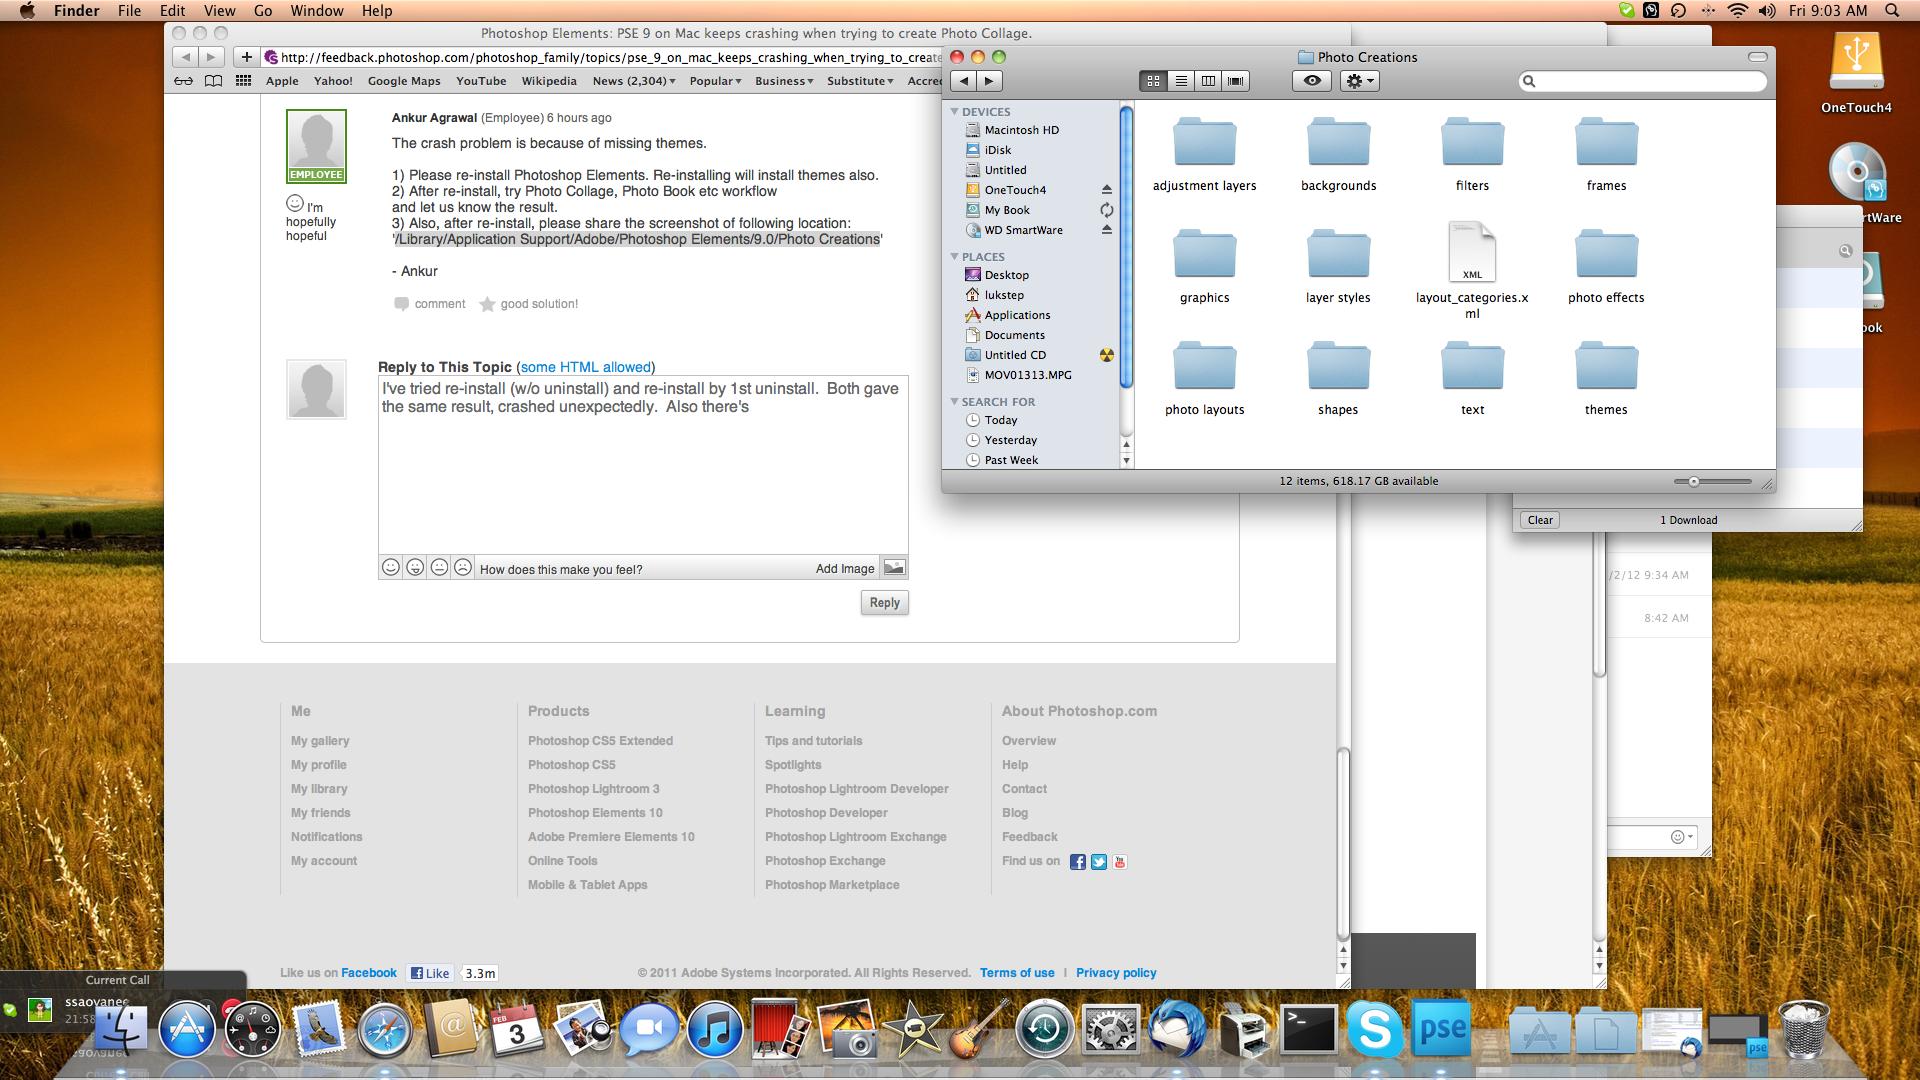 Photoshop keeps crashing mac